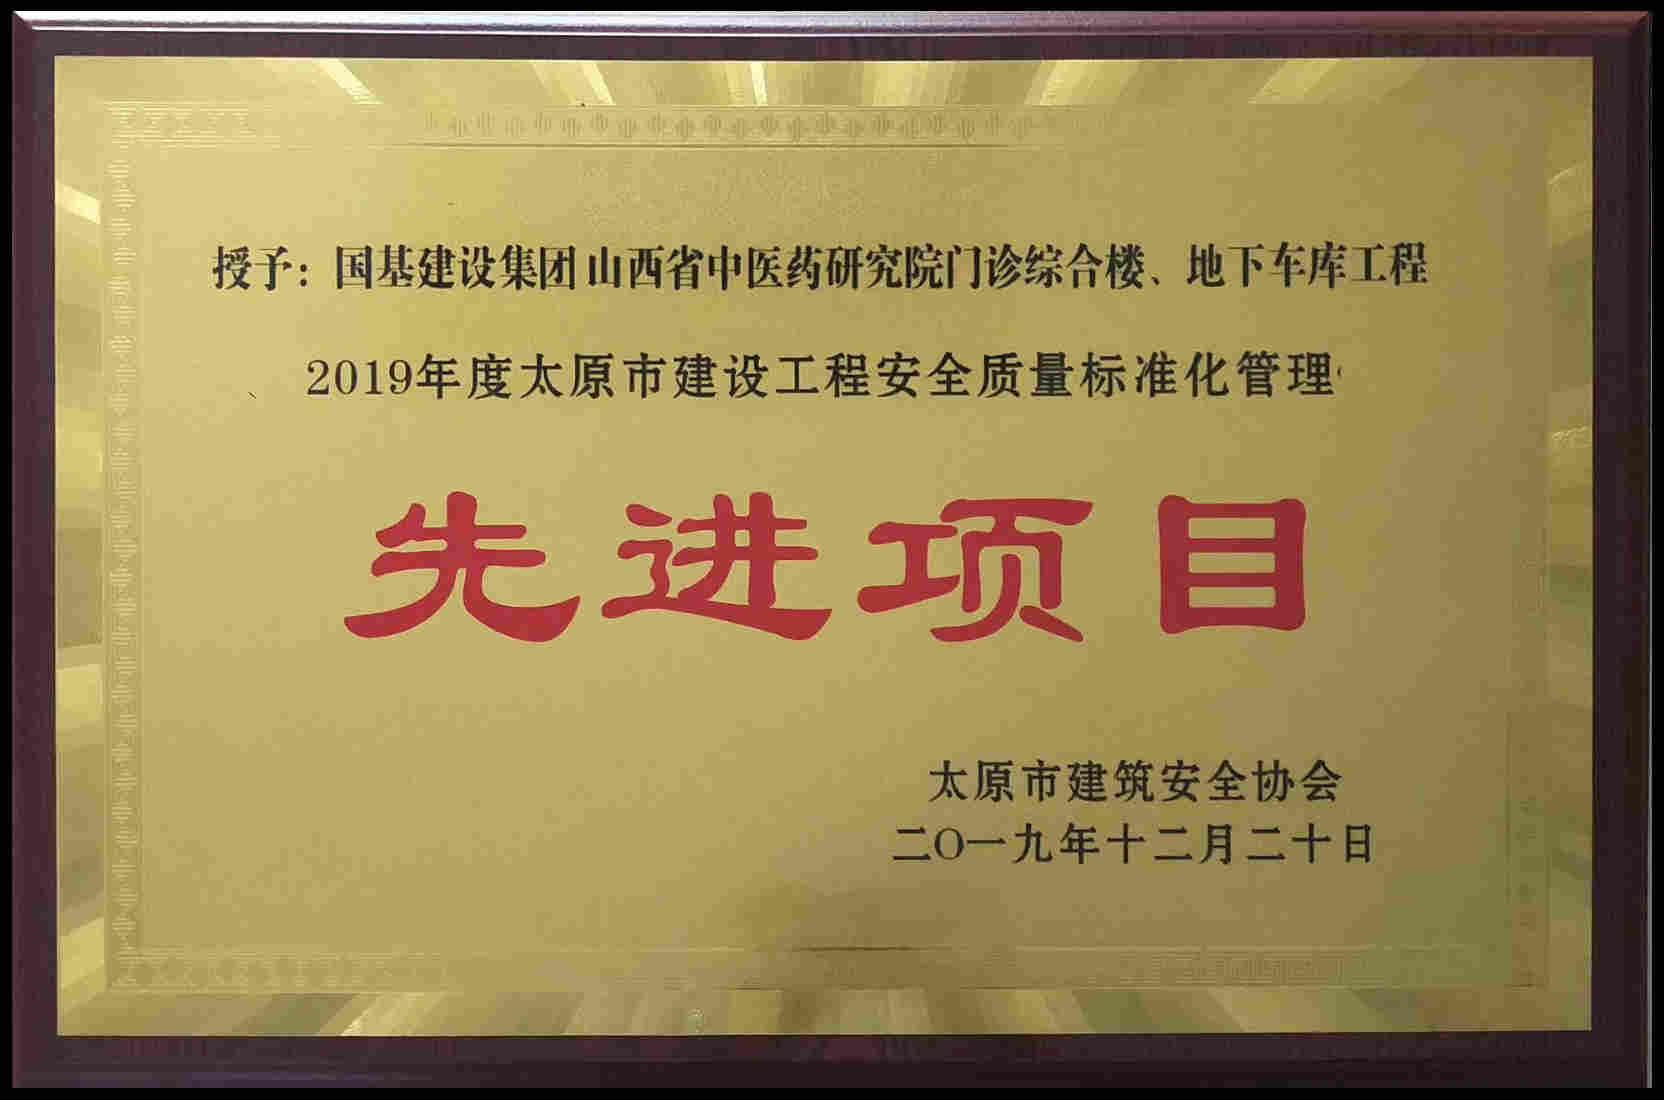 中医研究院门诊综合楼、地下车库工程-安全质量标准化管理